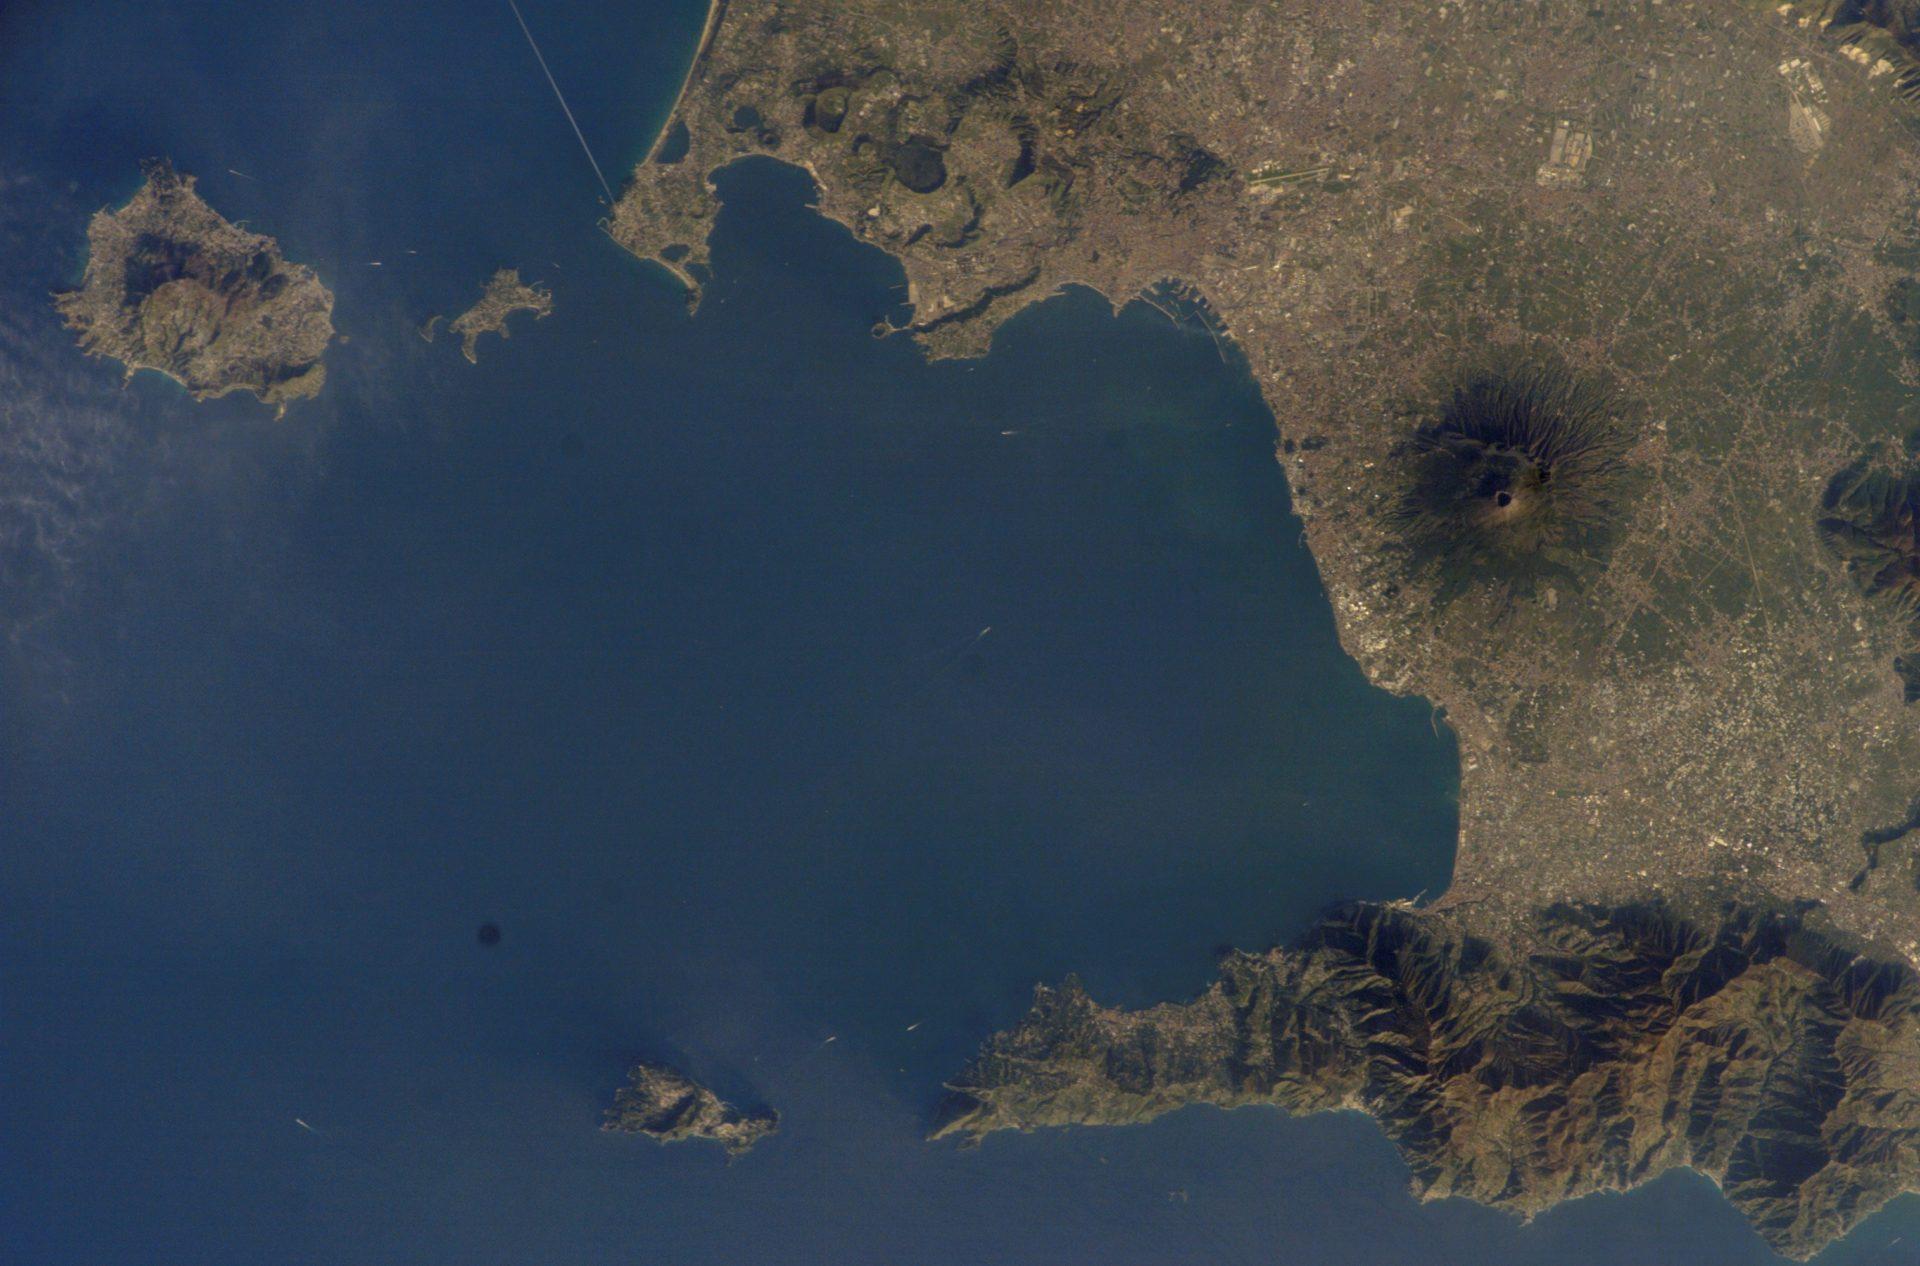 Il napoletano visto dall'alto - Napoli e provincia